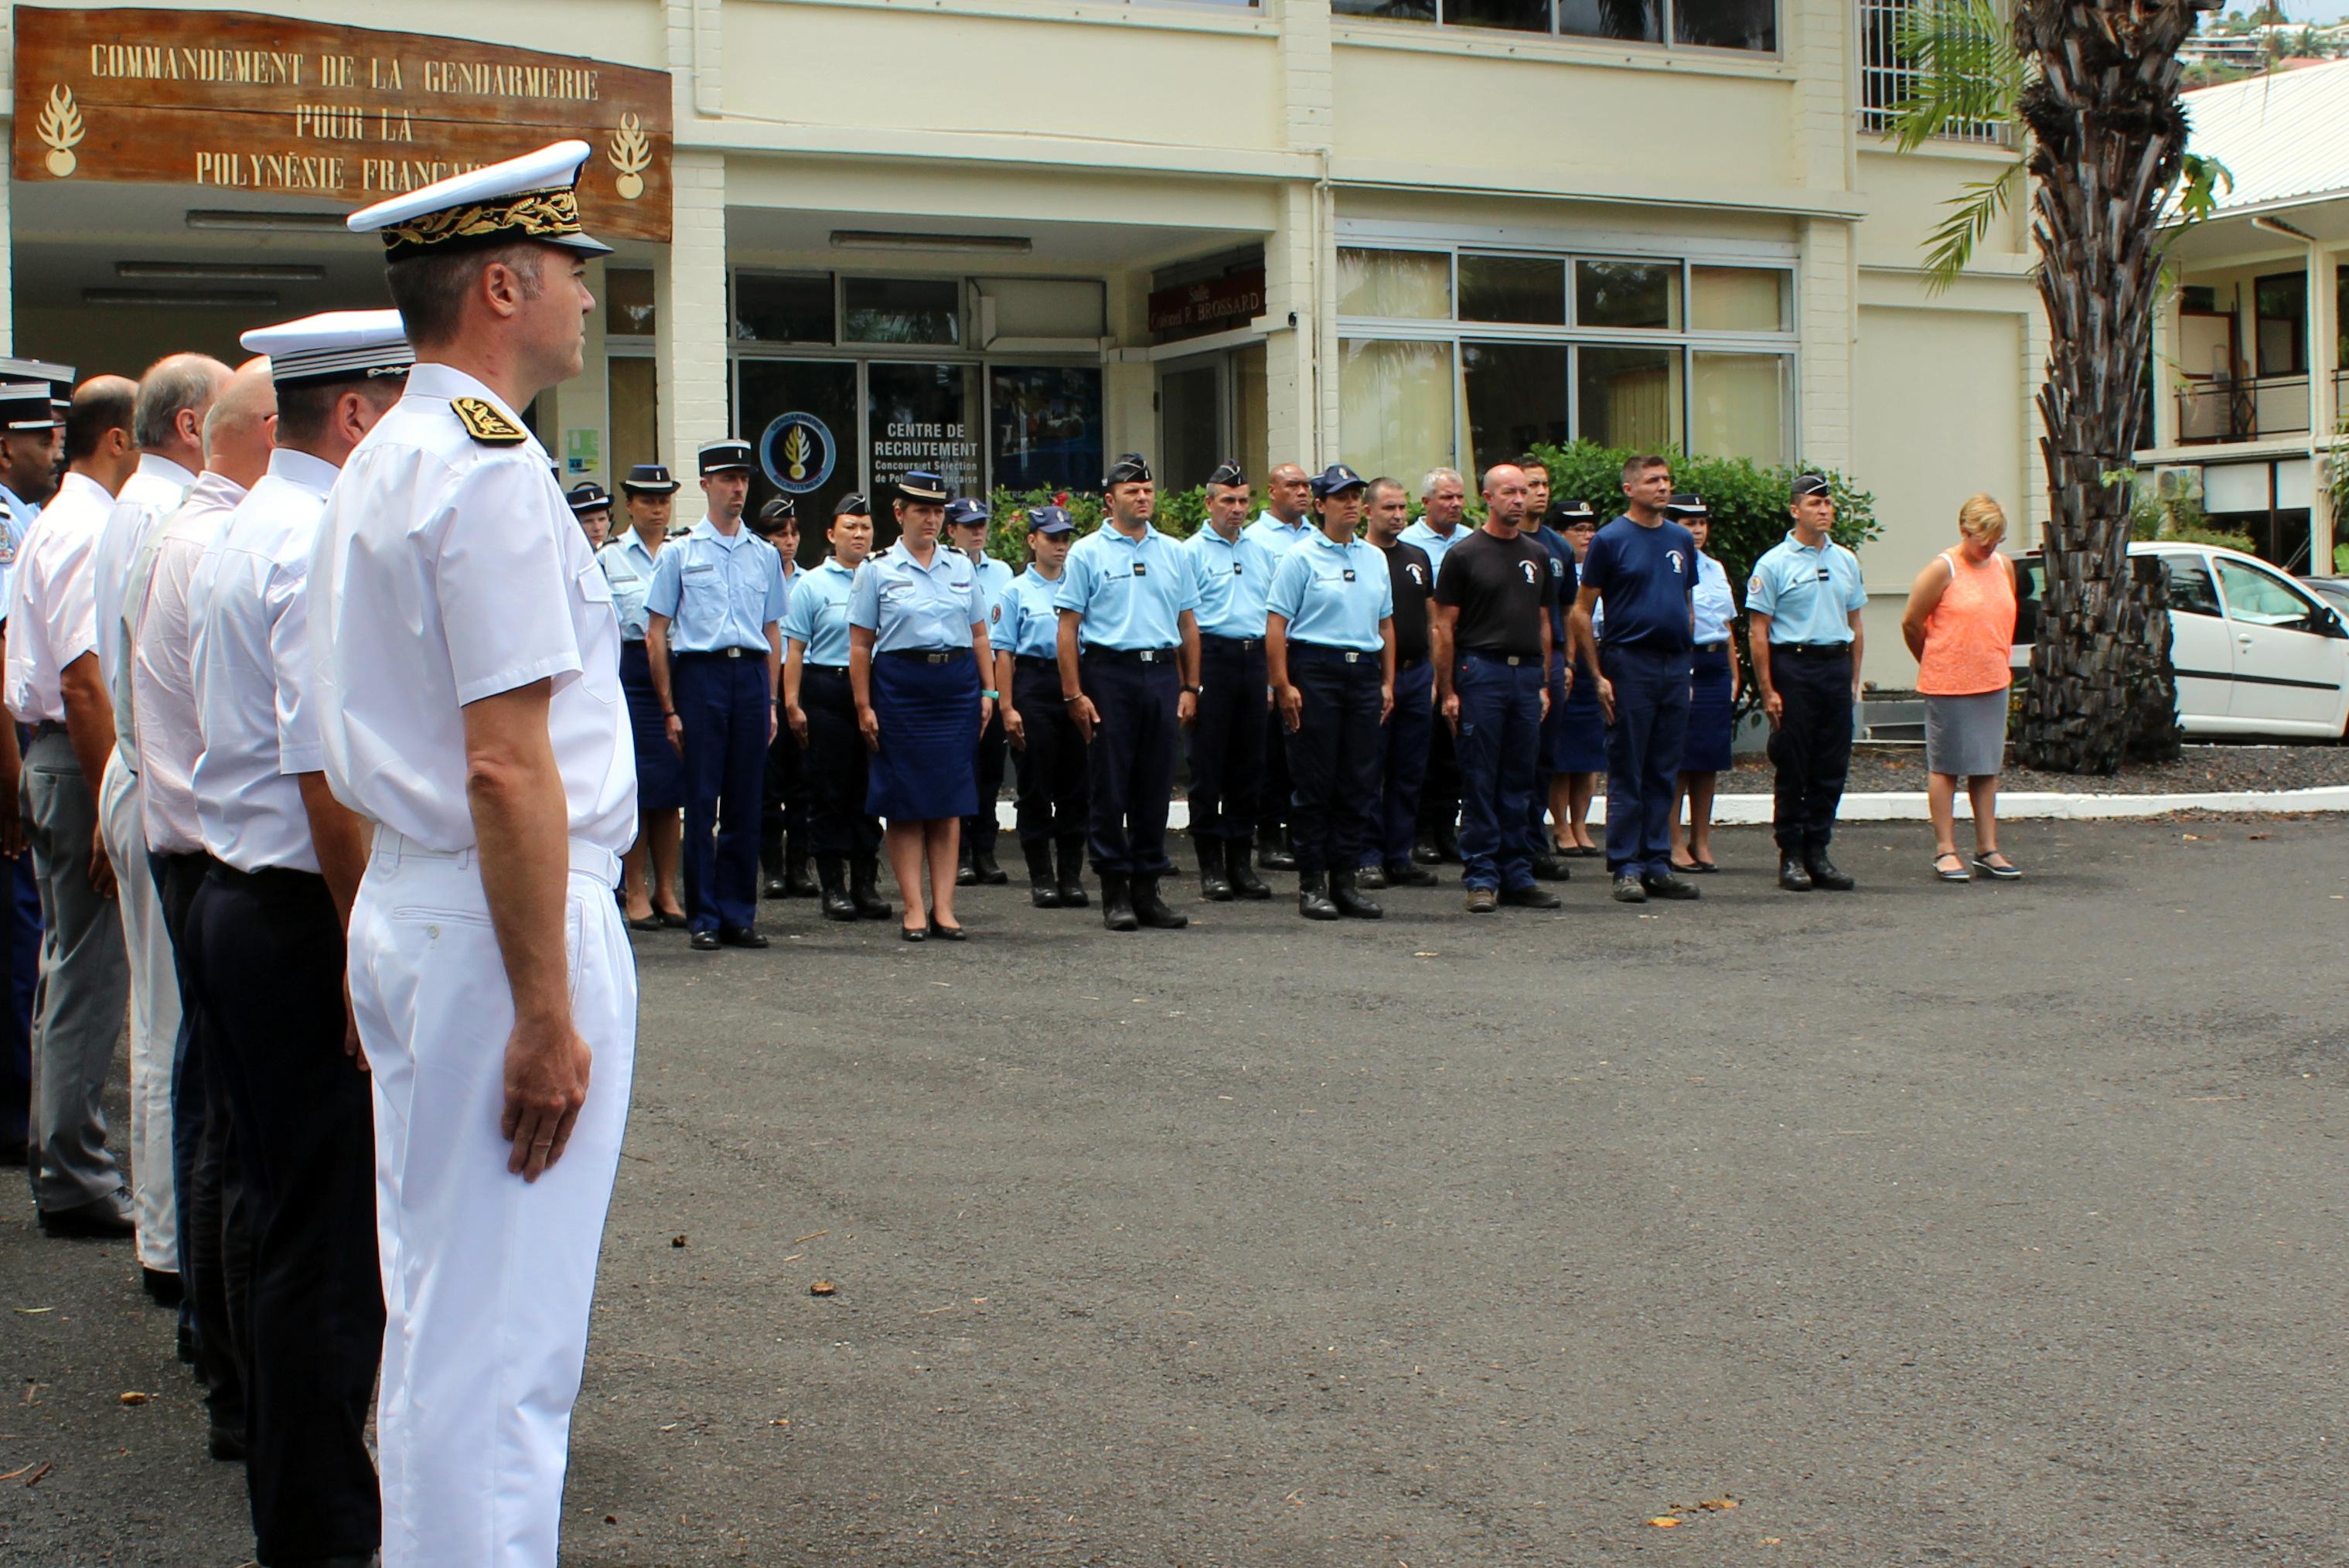 De nombreuses autorités étaient présentes à la cérémonie.